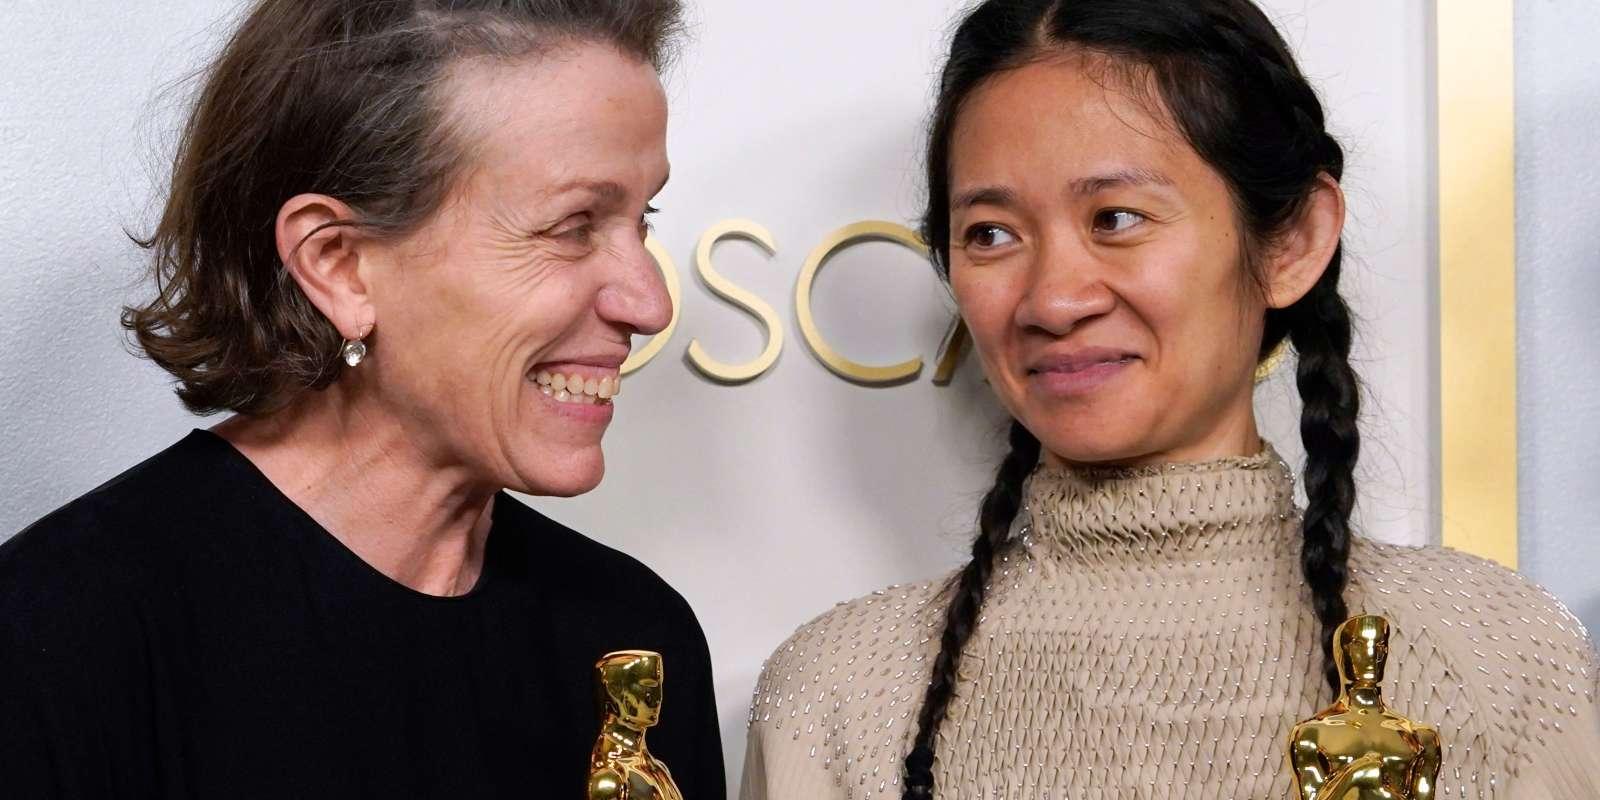 Frances McDormand et Chloé Zhao recevant leurs prix pour « Nomadland», lors de la 93e cérémonie des Oscars à Los Angeles, le 25 avril.